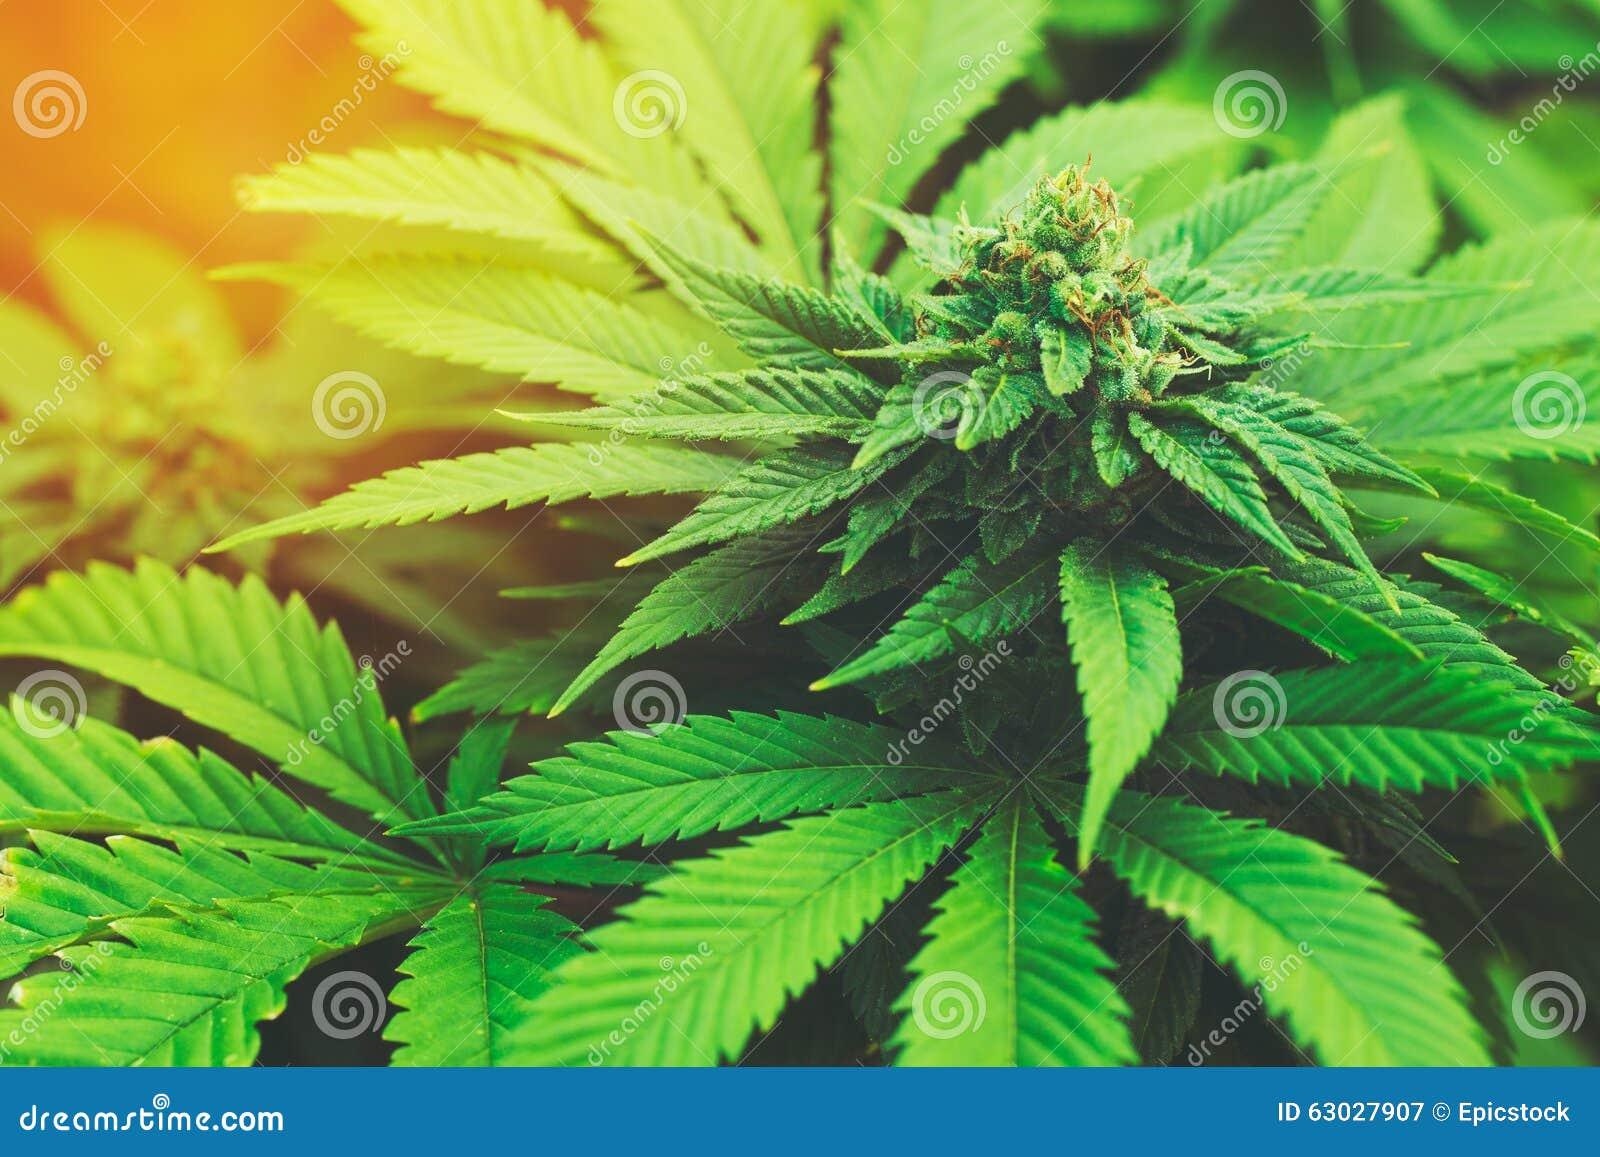 White för växt för marijuana för bakgrundsgreenleaves